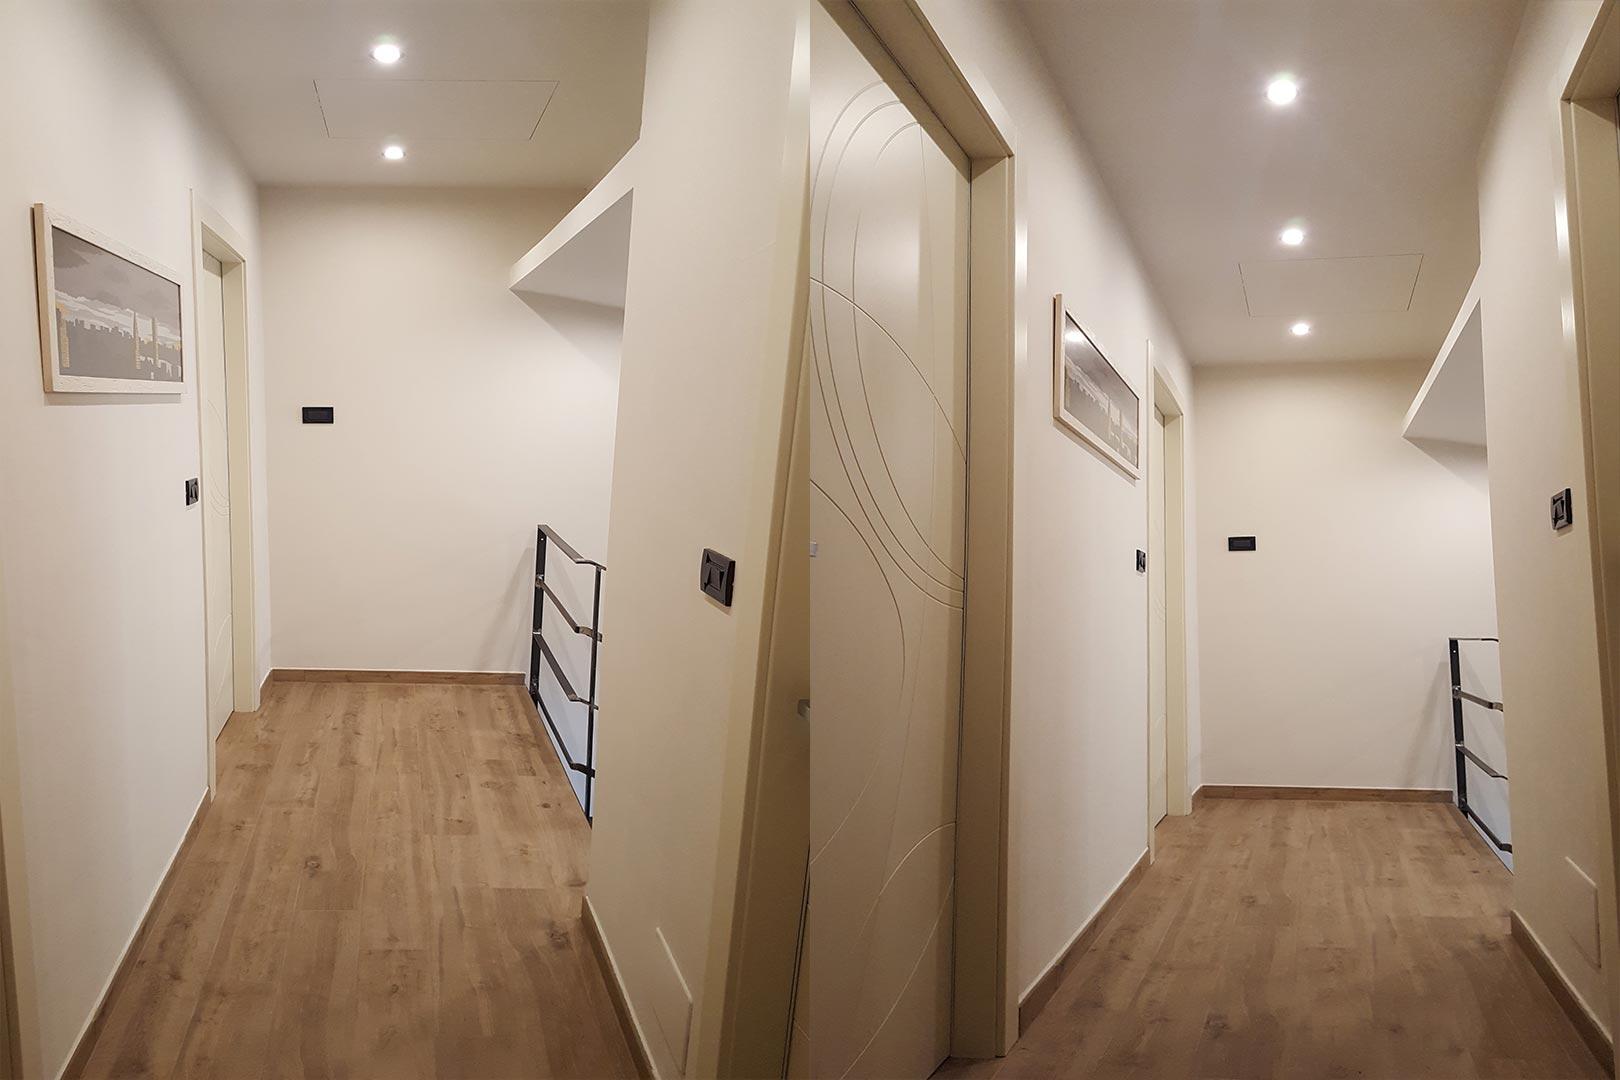 Ristrutturazione interna abitazione stile country minimal cn emsign studio di enrico - Ristrutturazione interna casa ...